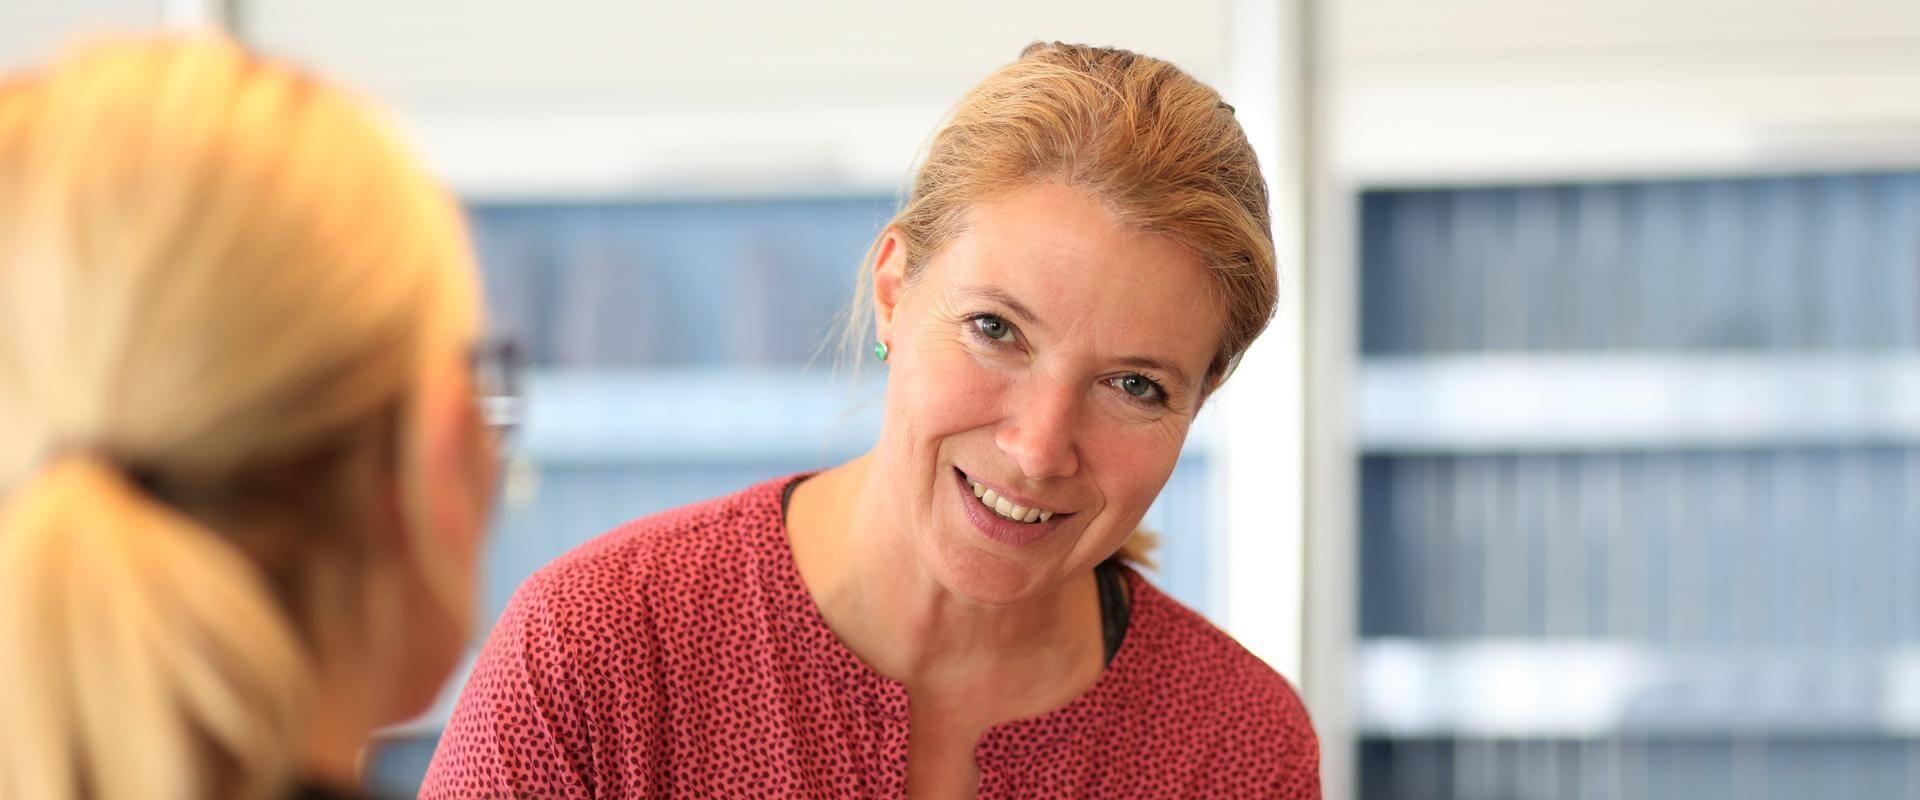 Lächelnde Kundin bei der Anmeldung und Aufnahme im MEDIAN Therapiezentrum Haus Remscheid